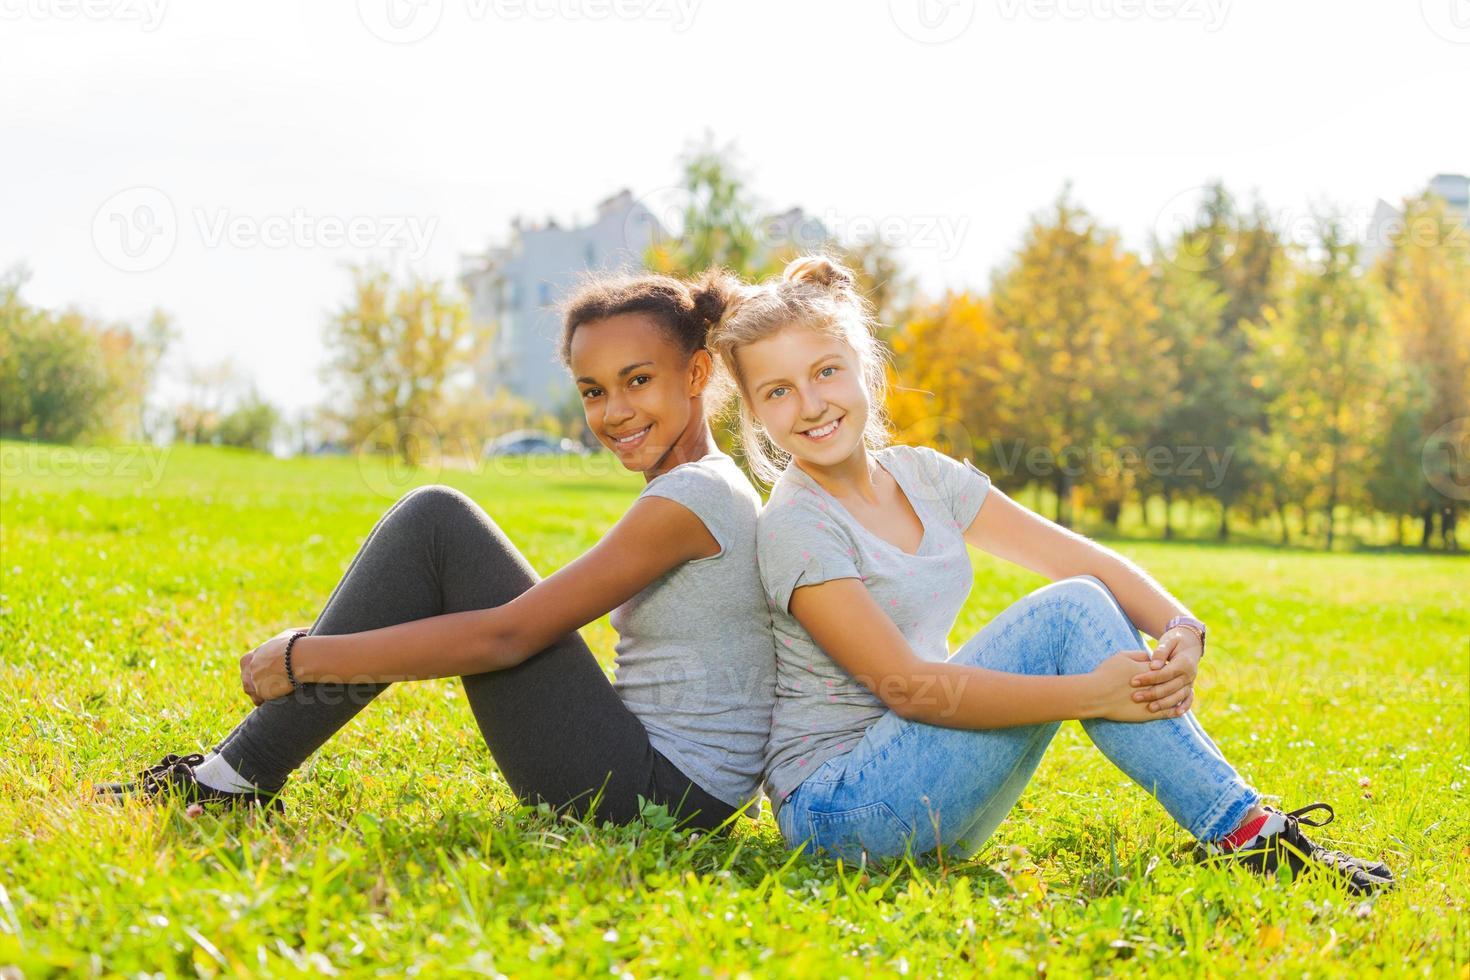 afrikanisches und blondes Mädchen, das zusammen auf Gras sitzt foto